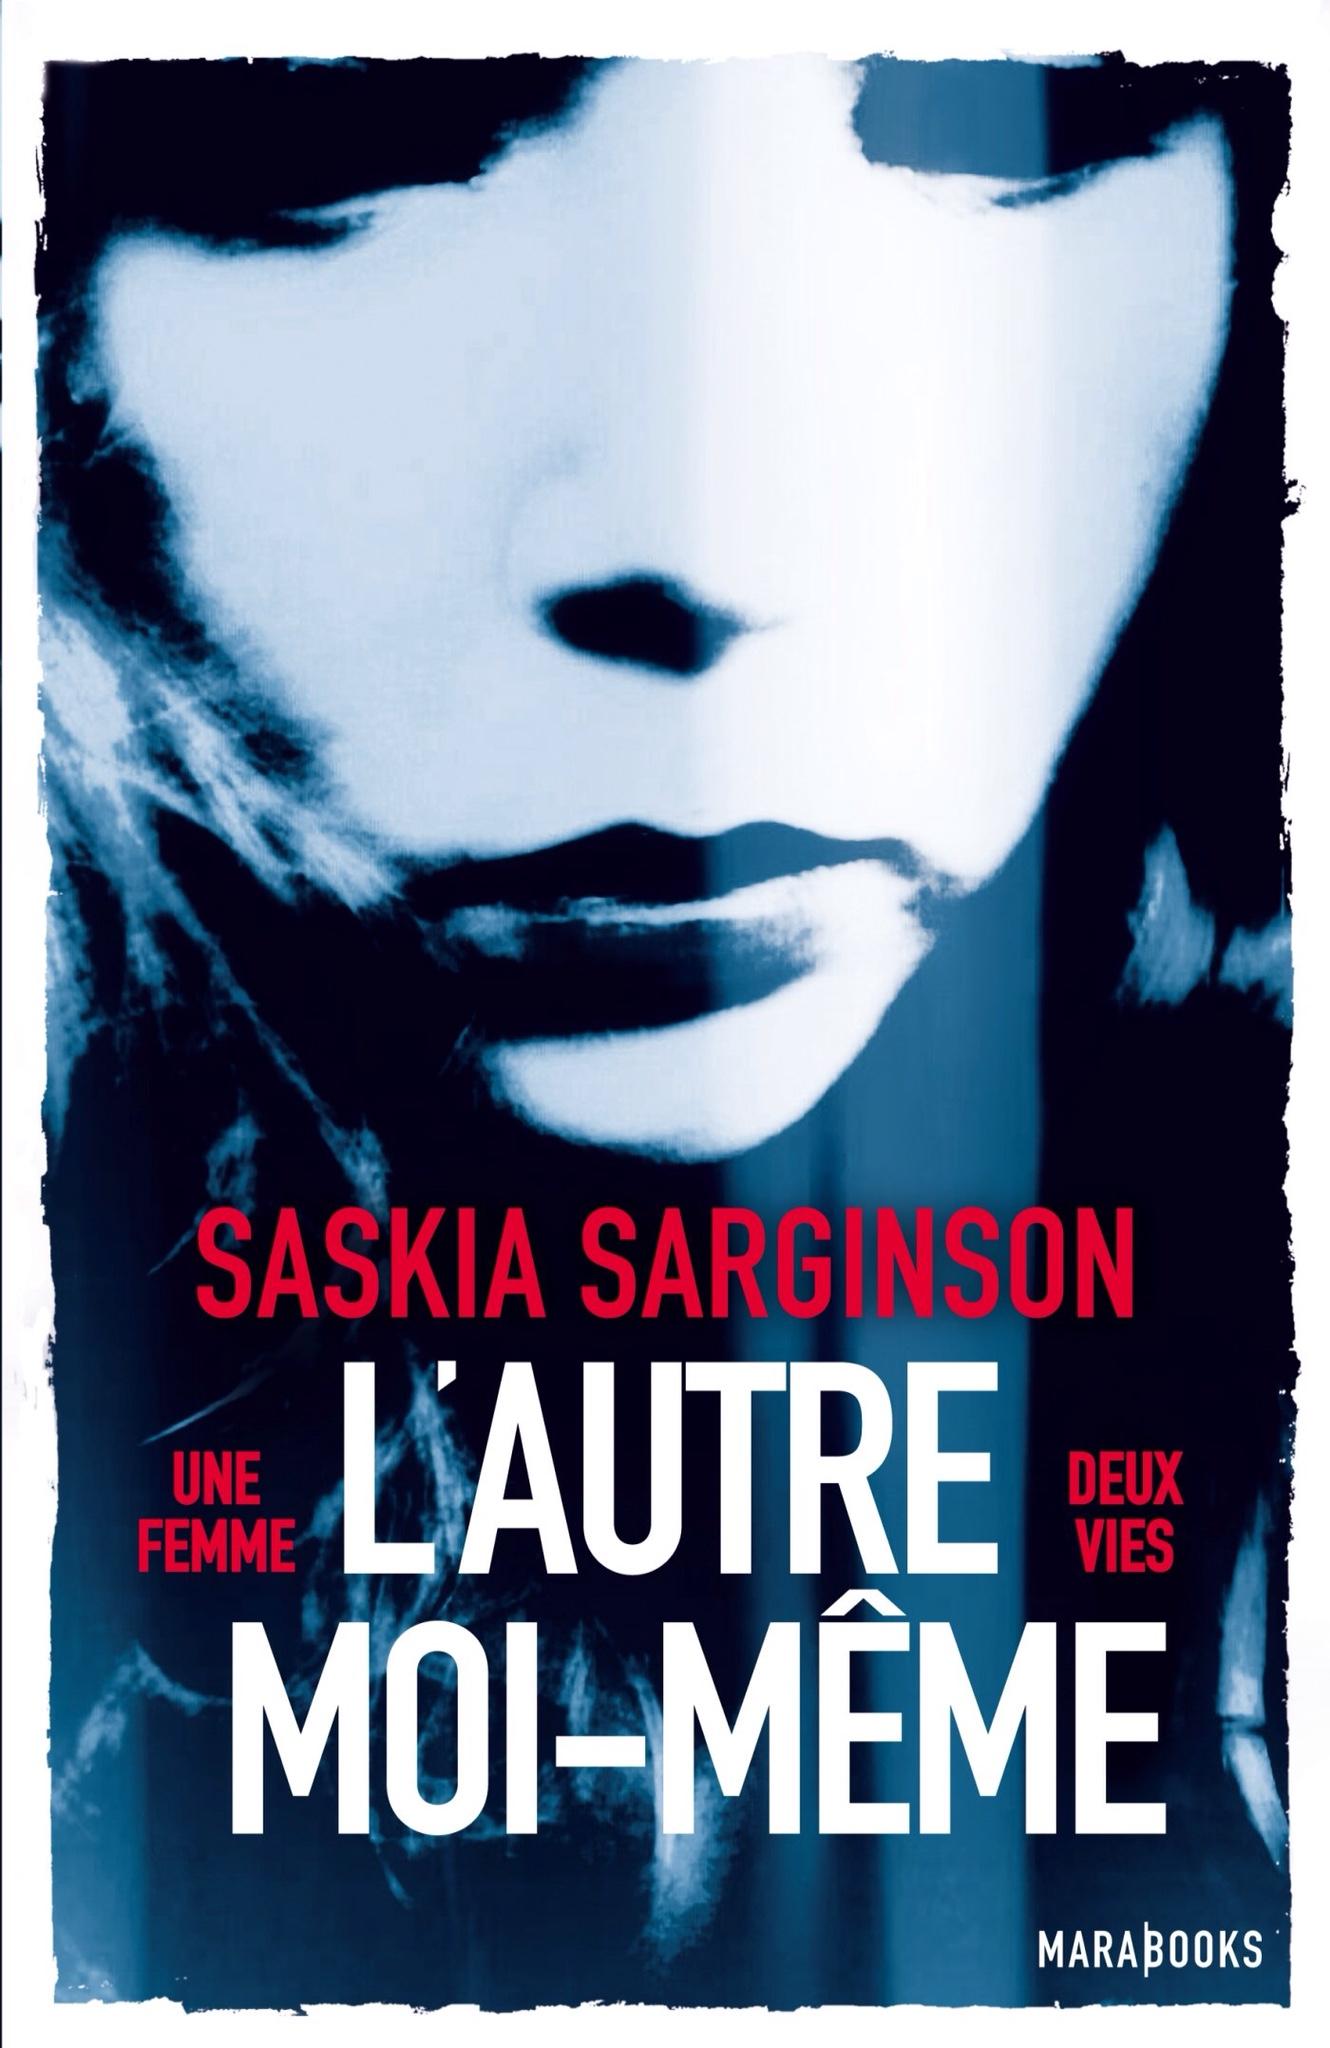 L'autre moi-même de Saskia Sarginson